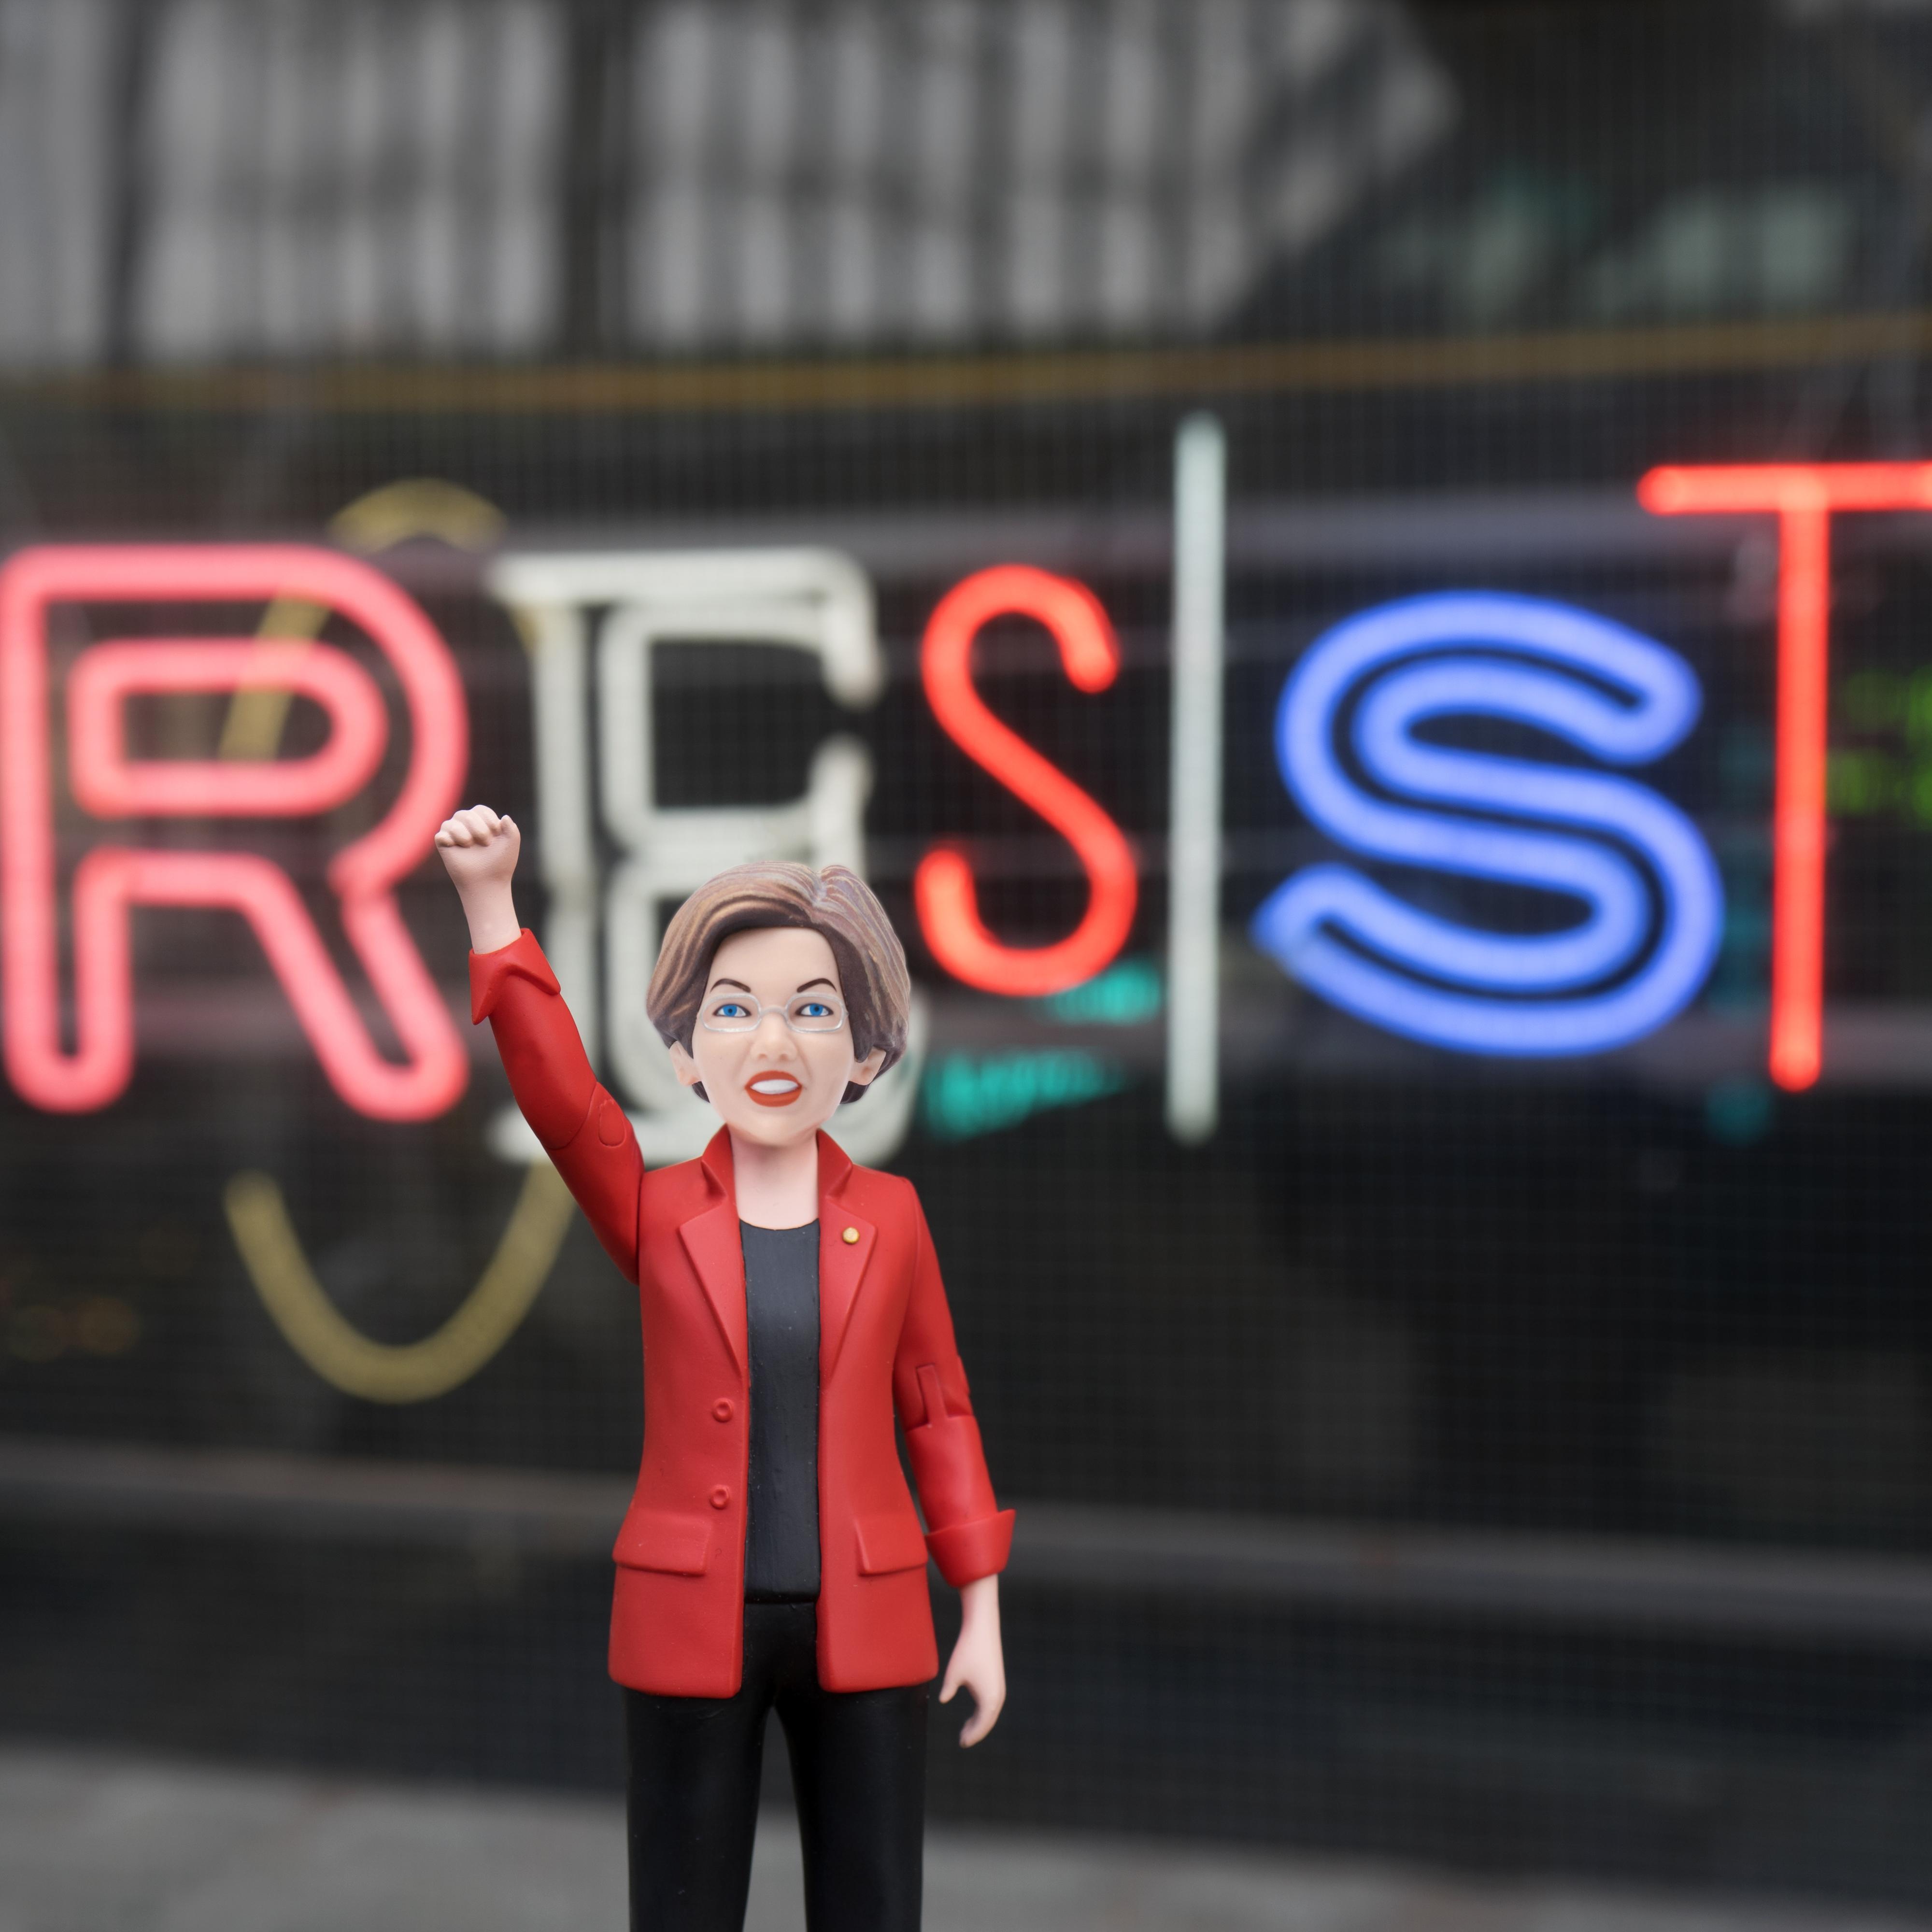 The Sen. Elizabeth Warren action figure.